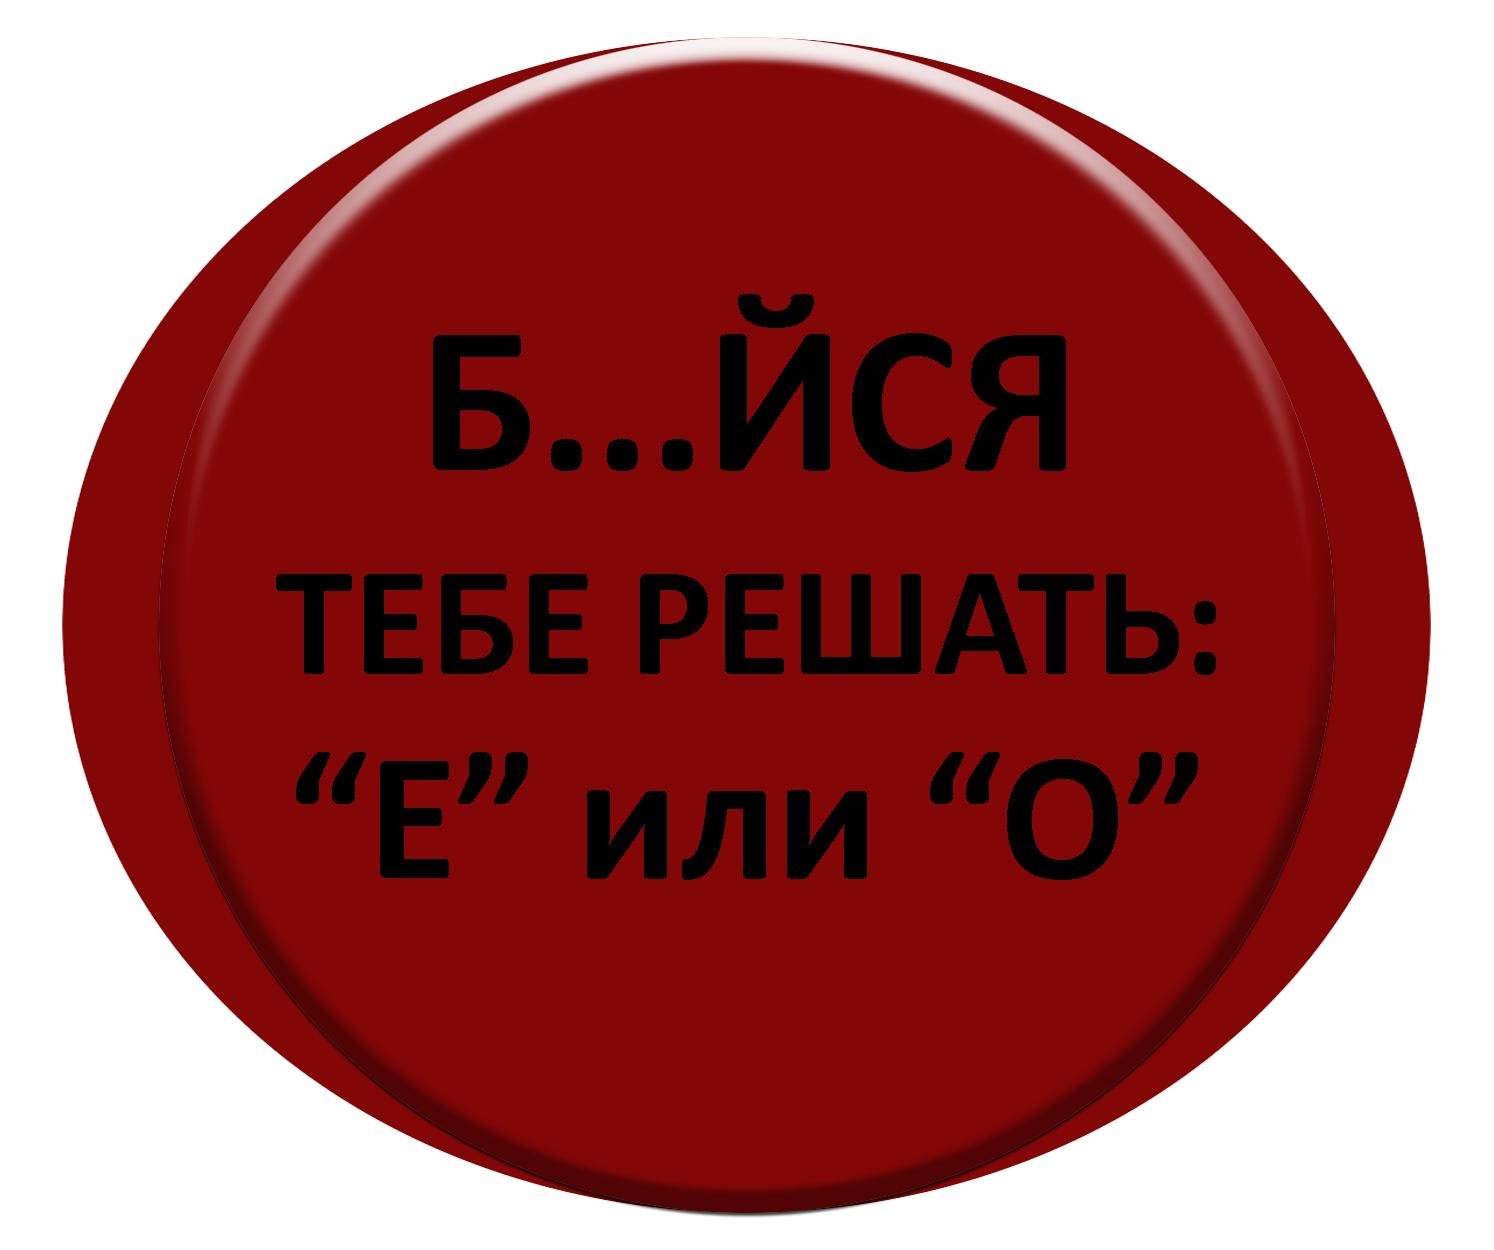 бейся